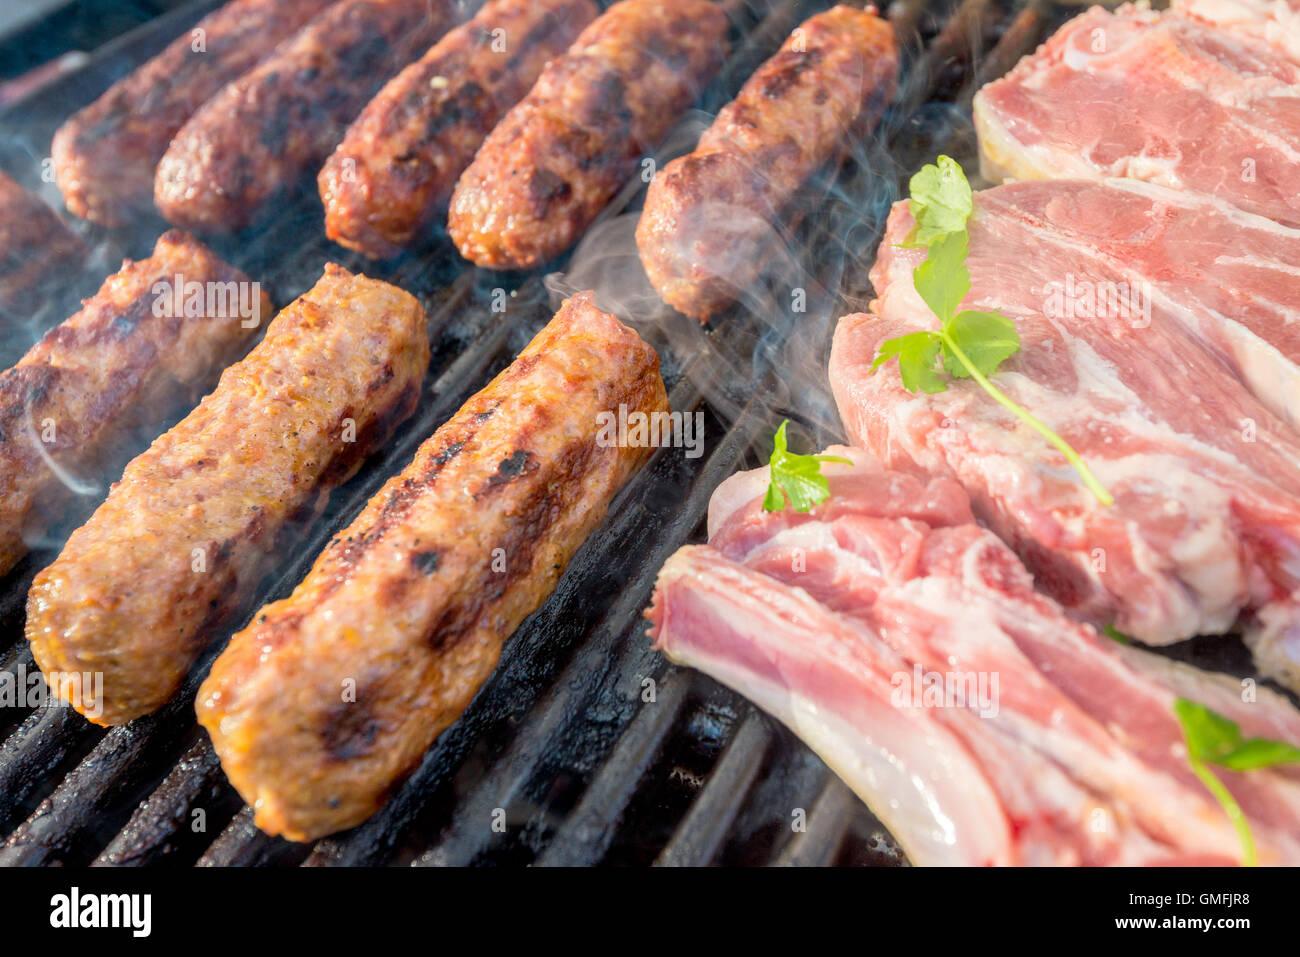 De délicieux petits pains à saucisse australienne fait chevapchichi et enjeux cuits sur un barbecue Photo Stock